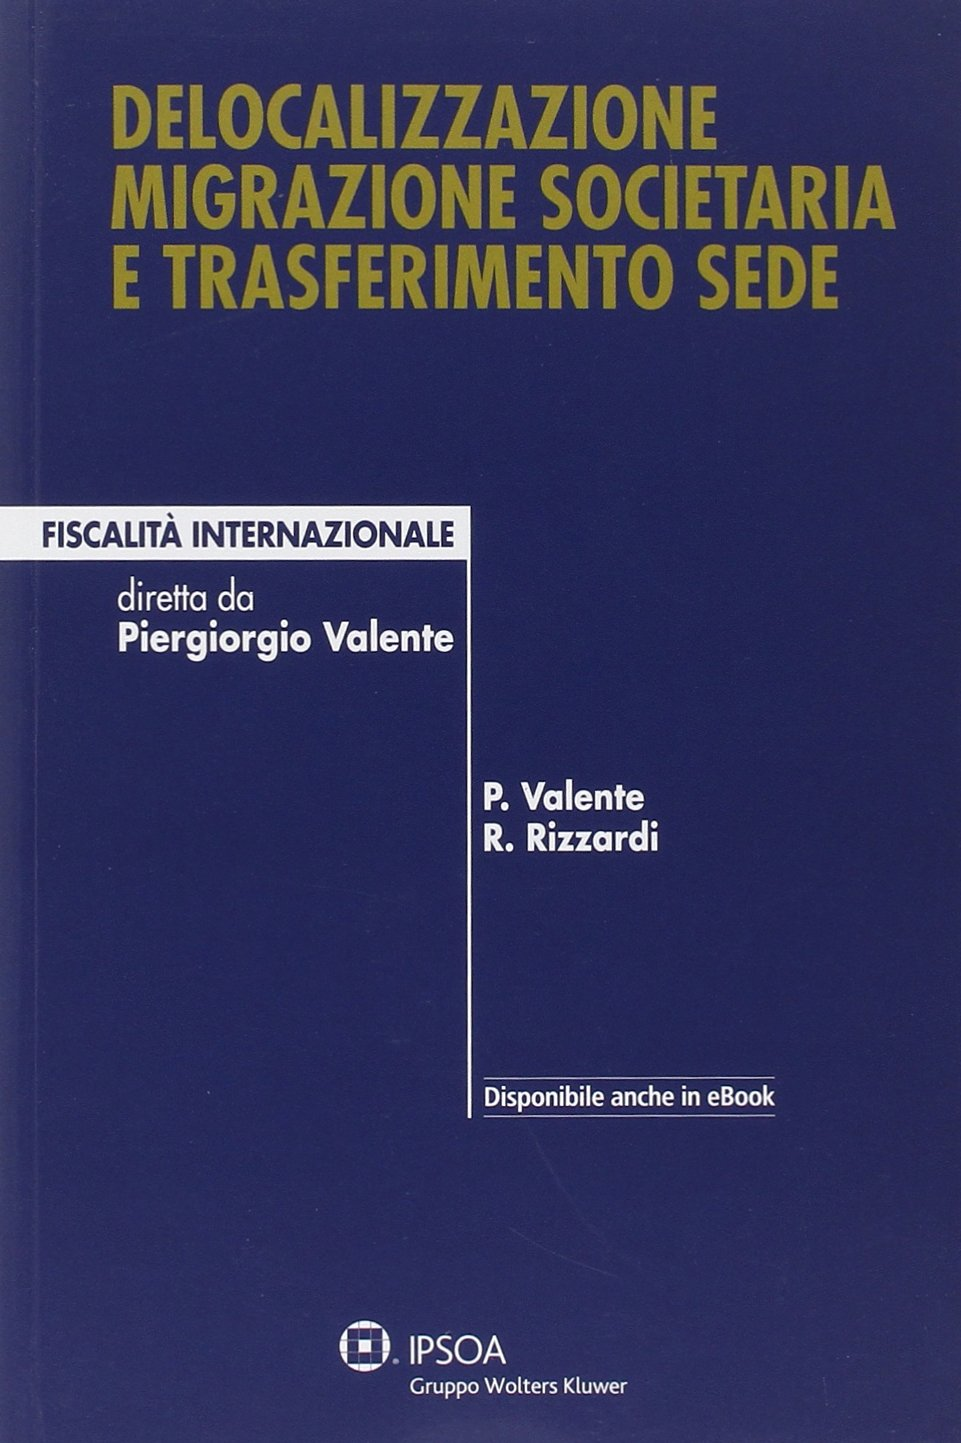 Delocalizzazione migrazione societaria e trasferimento sede Copertina flessibile – 1 mag 2014 Piergiorgio Valente Raffaele Rizzardi Ipsoa 8821747425